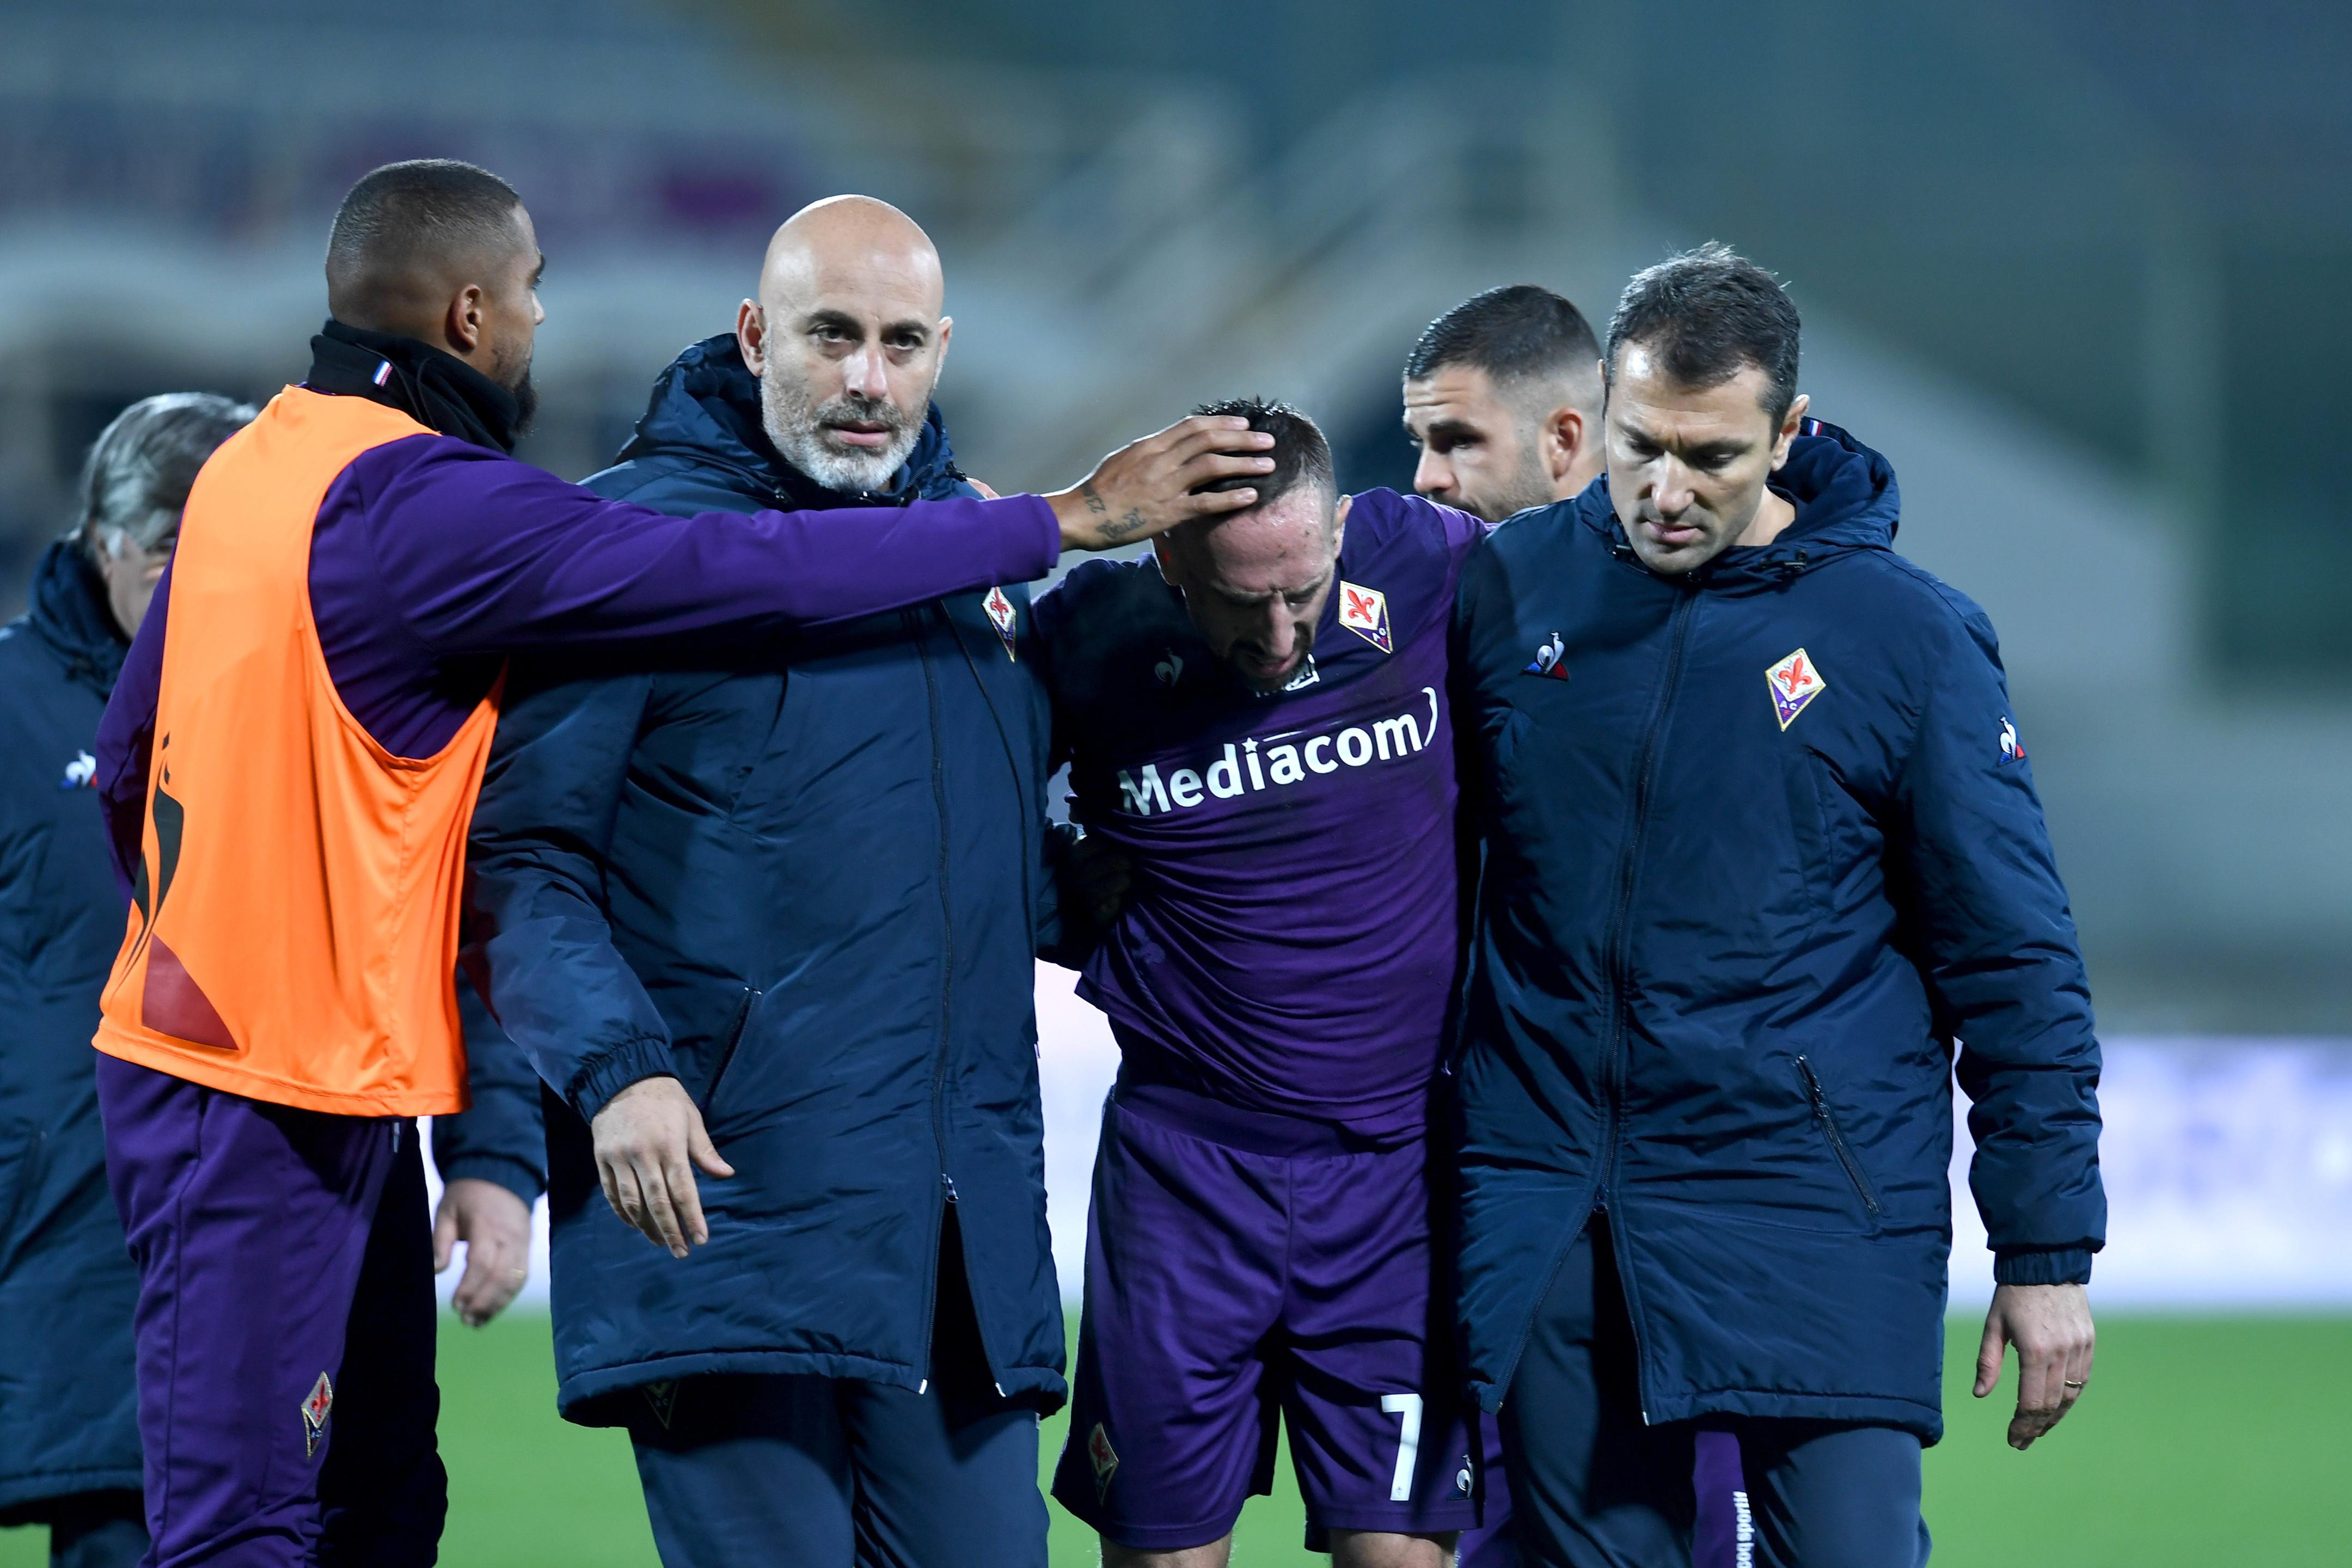 Fiorentina in ansia per Franck Ribery. Il fantasista viola è stato costretto a uscire a fine primo tempo del match con il Lecce: per lui si teme una distorsione alla caviglia. Subito accertamenti in ospedale.